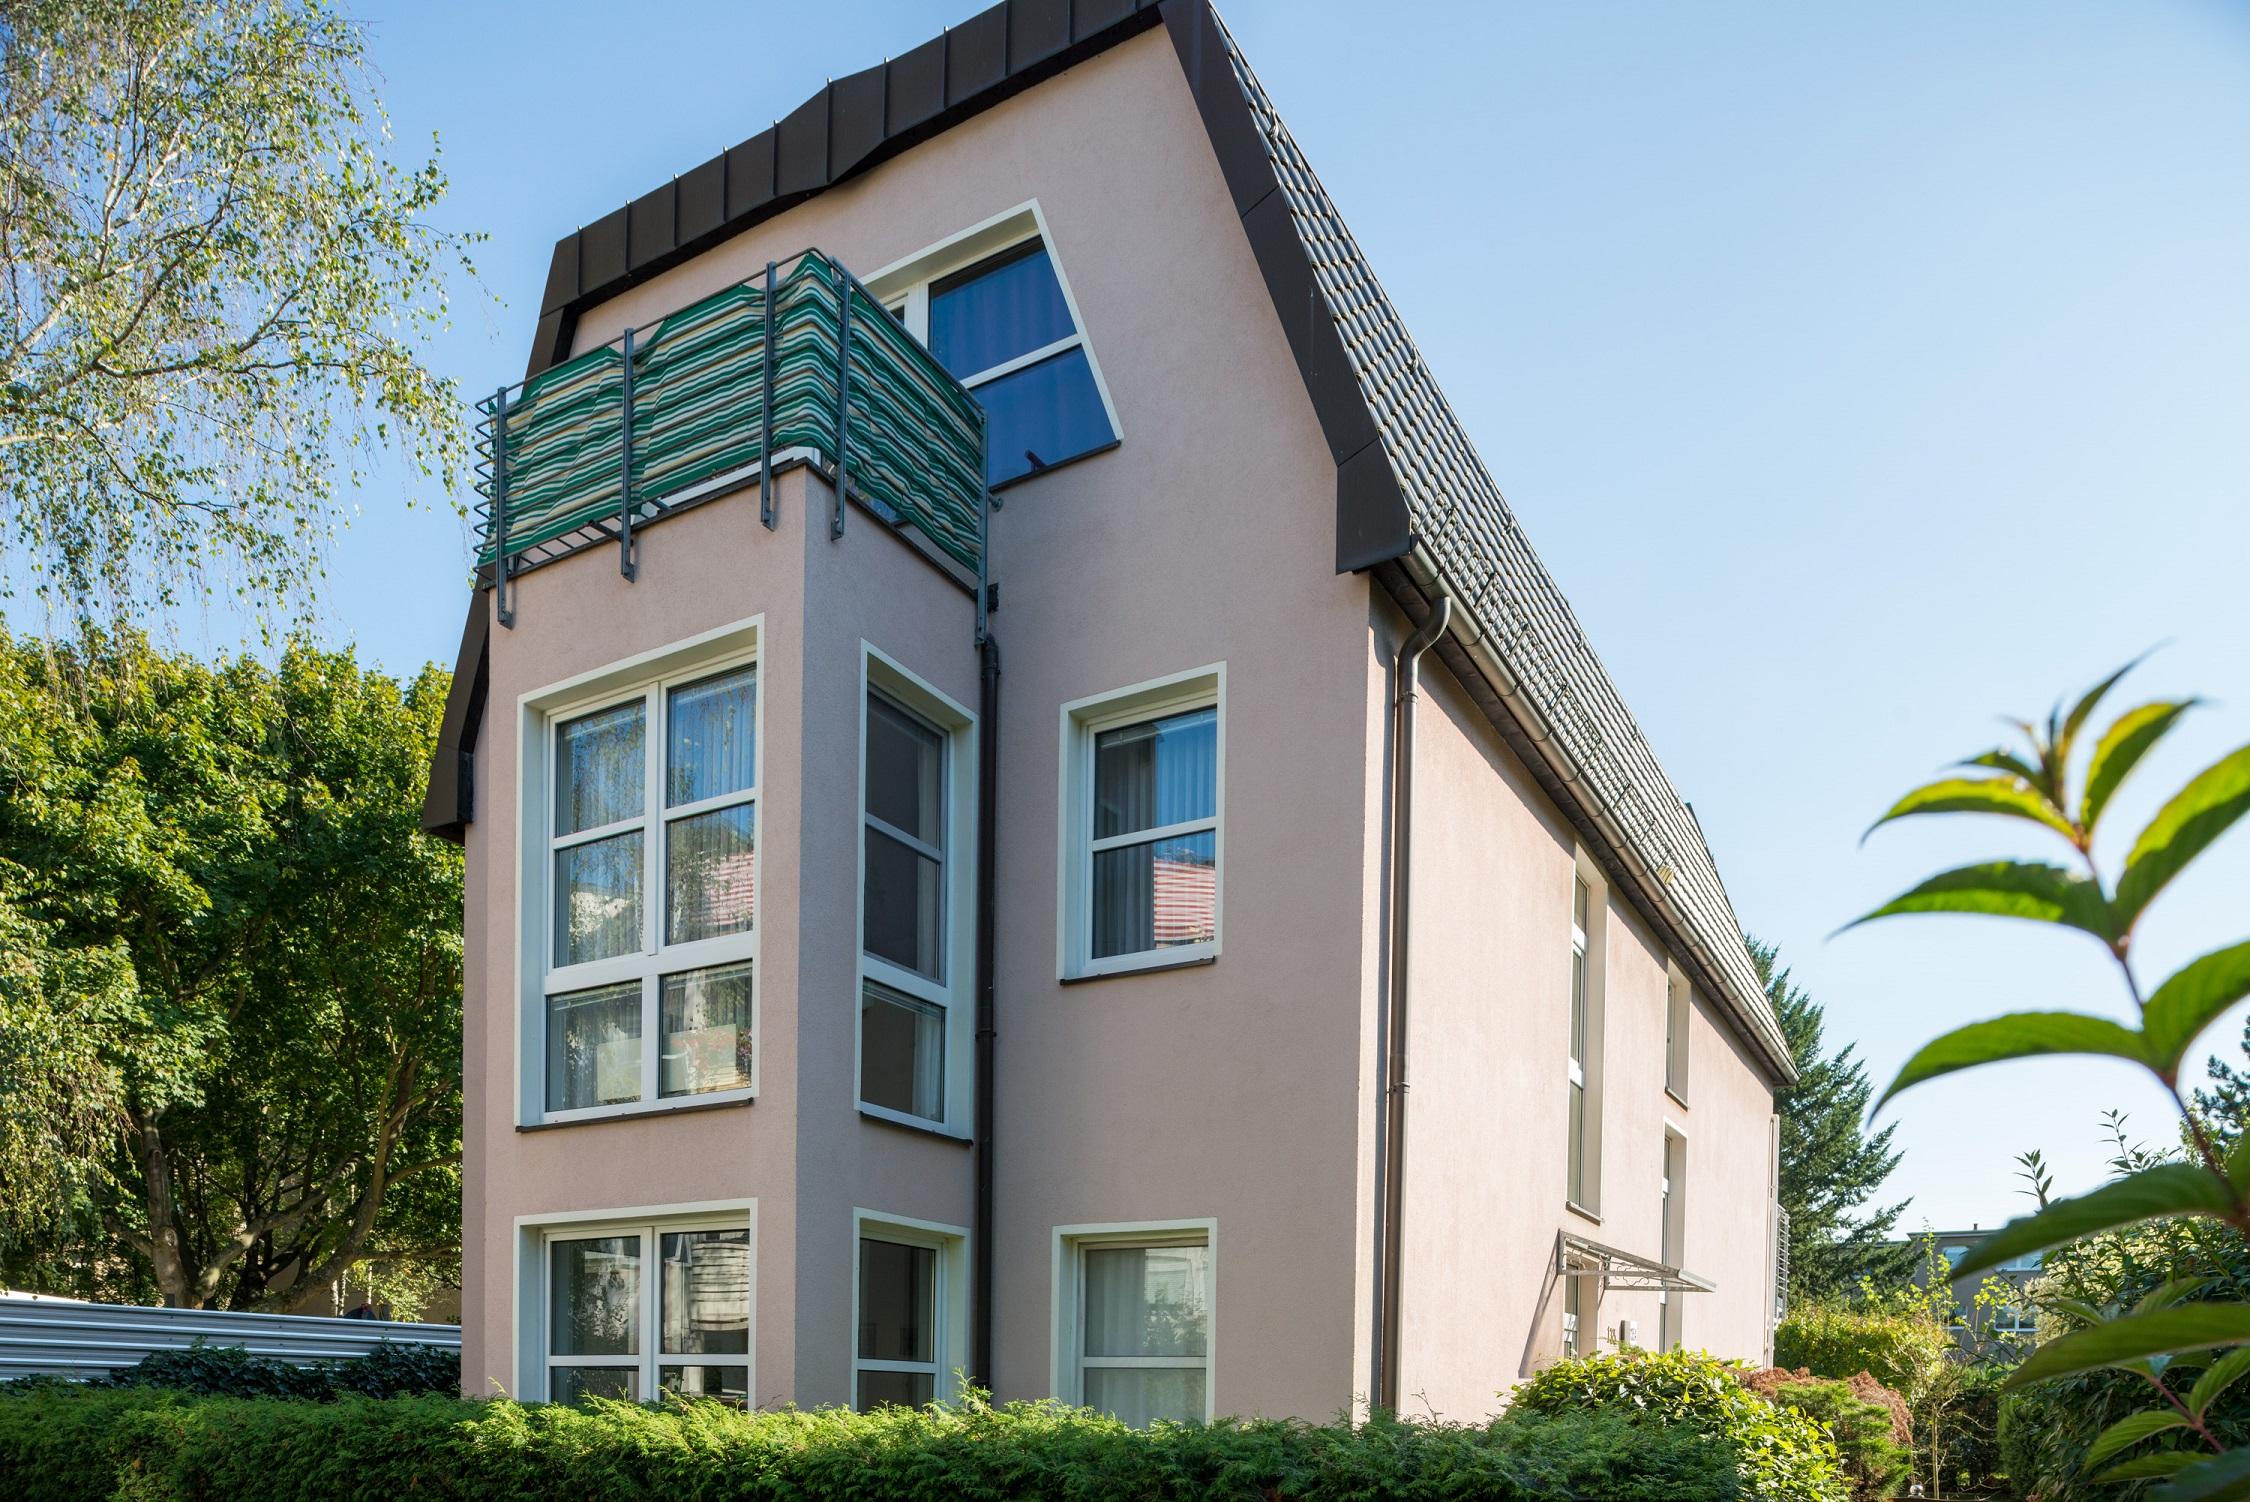 fidarsi delle banche o investire su un immobile rendite elevate su immobili a berlino. Black Bedroom Furniture Sets. Home Design Ideas